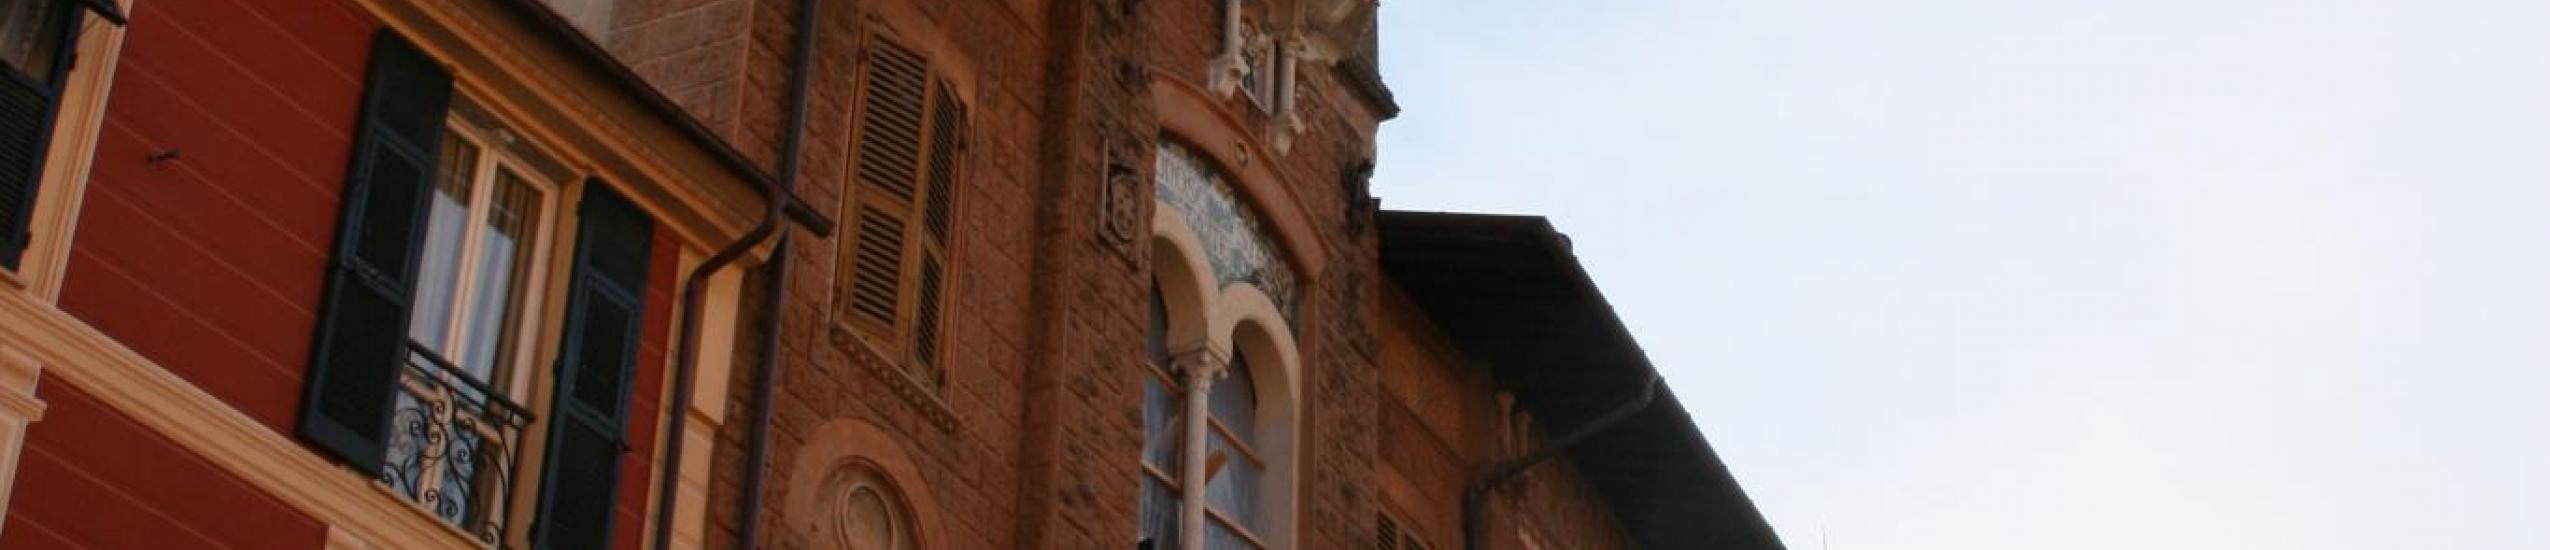 Palazzo Fascie Rossi